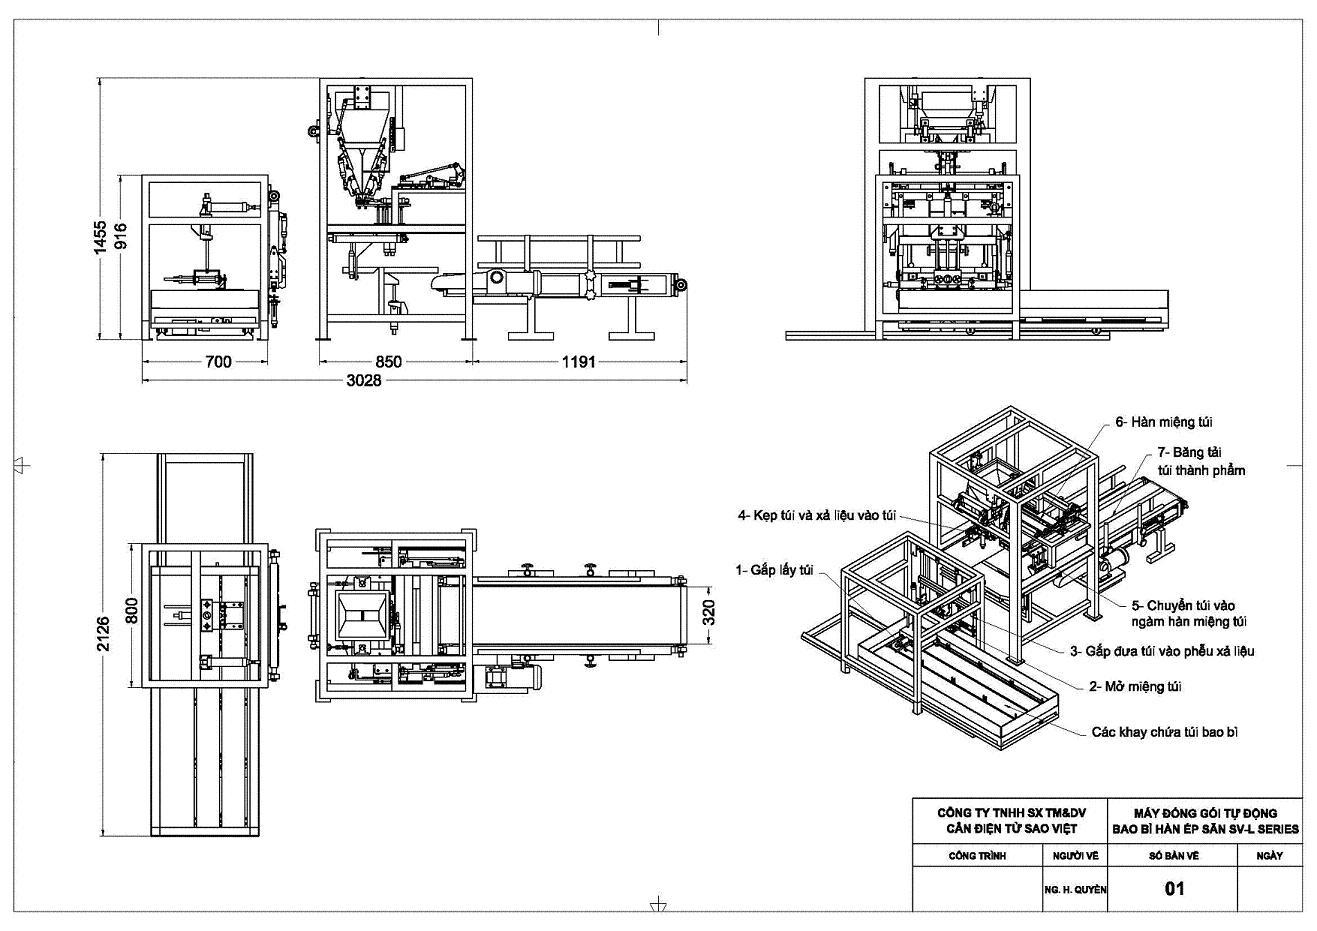 Kích thước máy đóng gói tự động bao bì túi hàn ép sẵn SV-L Series